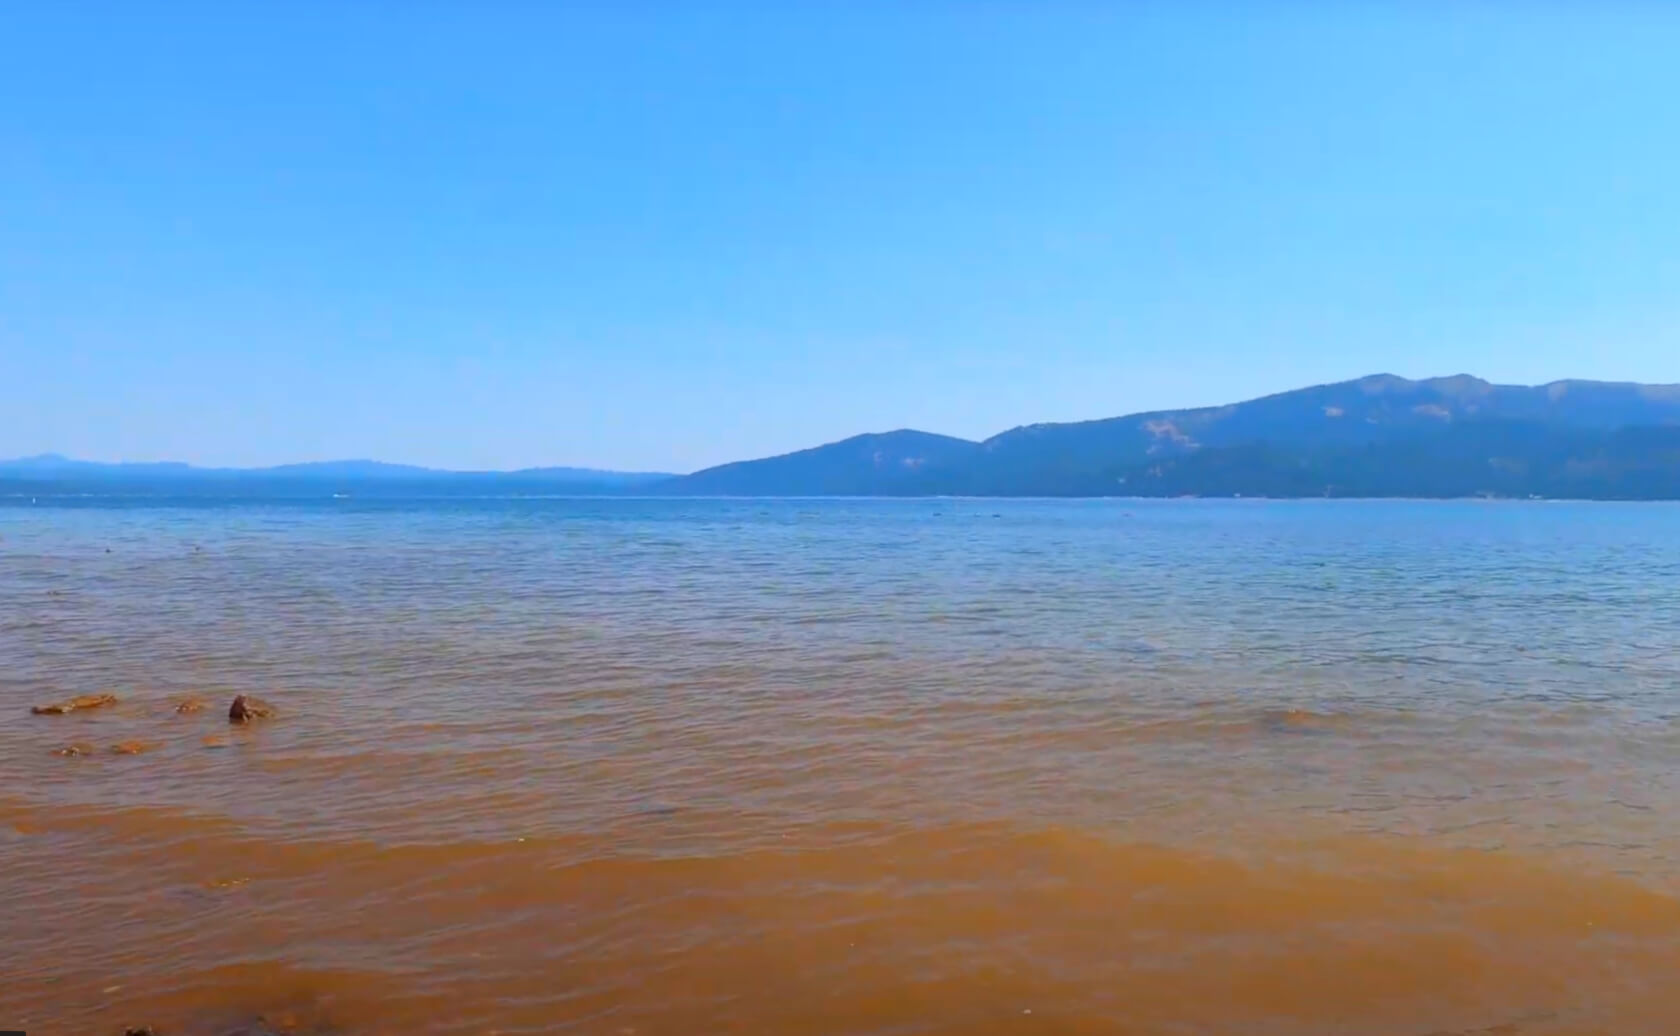 Almanor-Lake-Fishing-Guide-Report-California-02